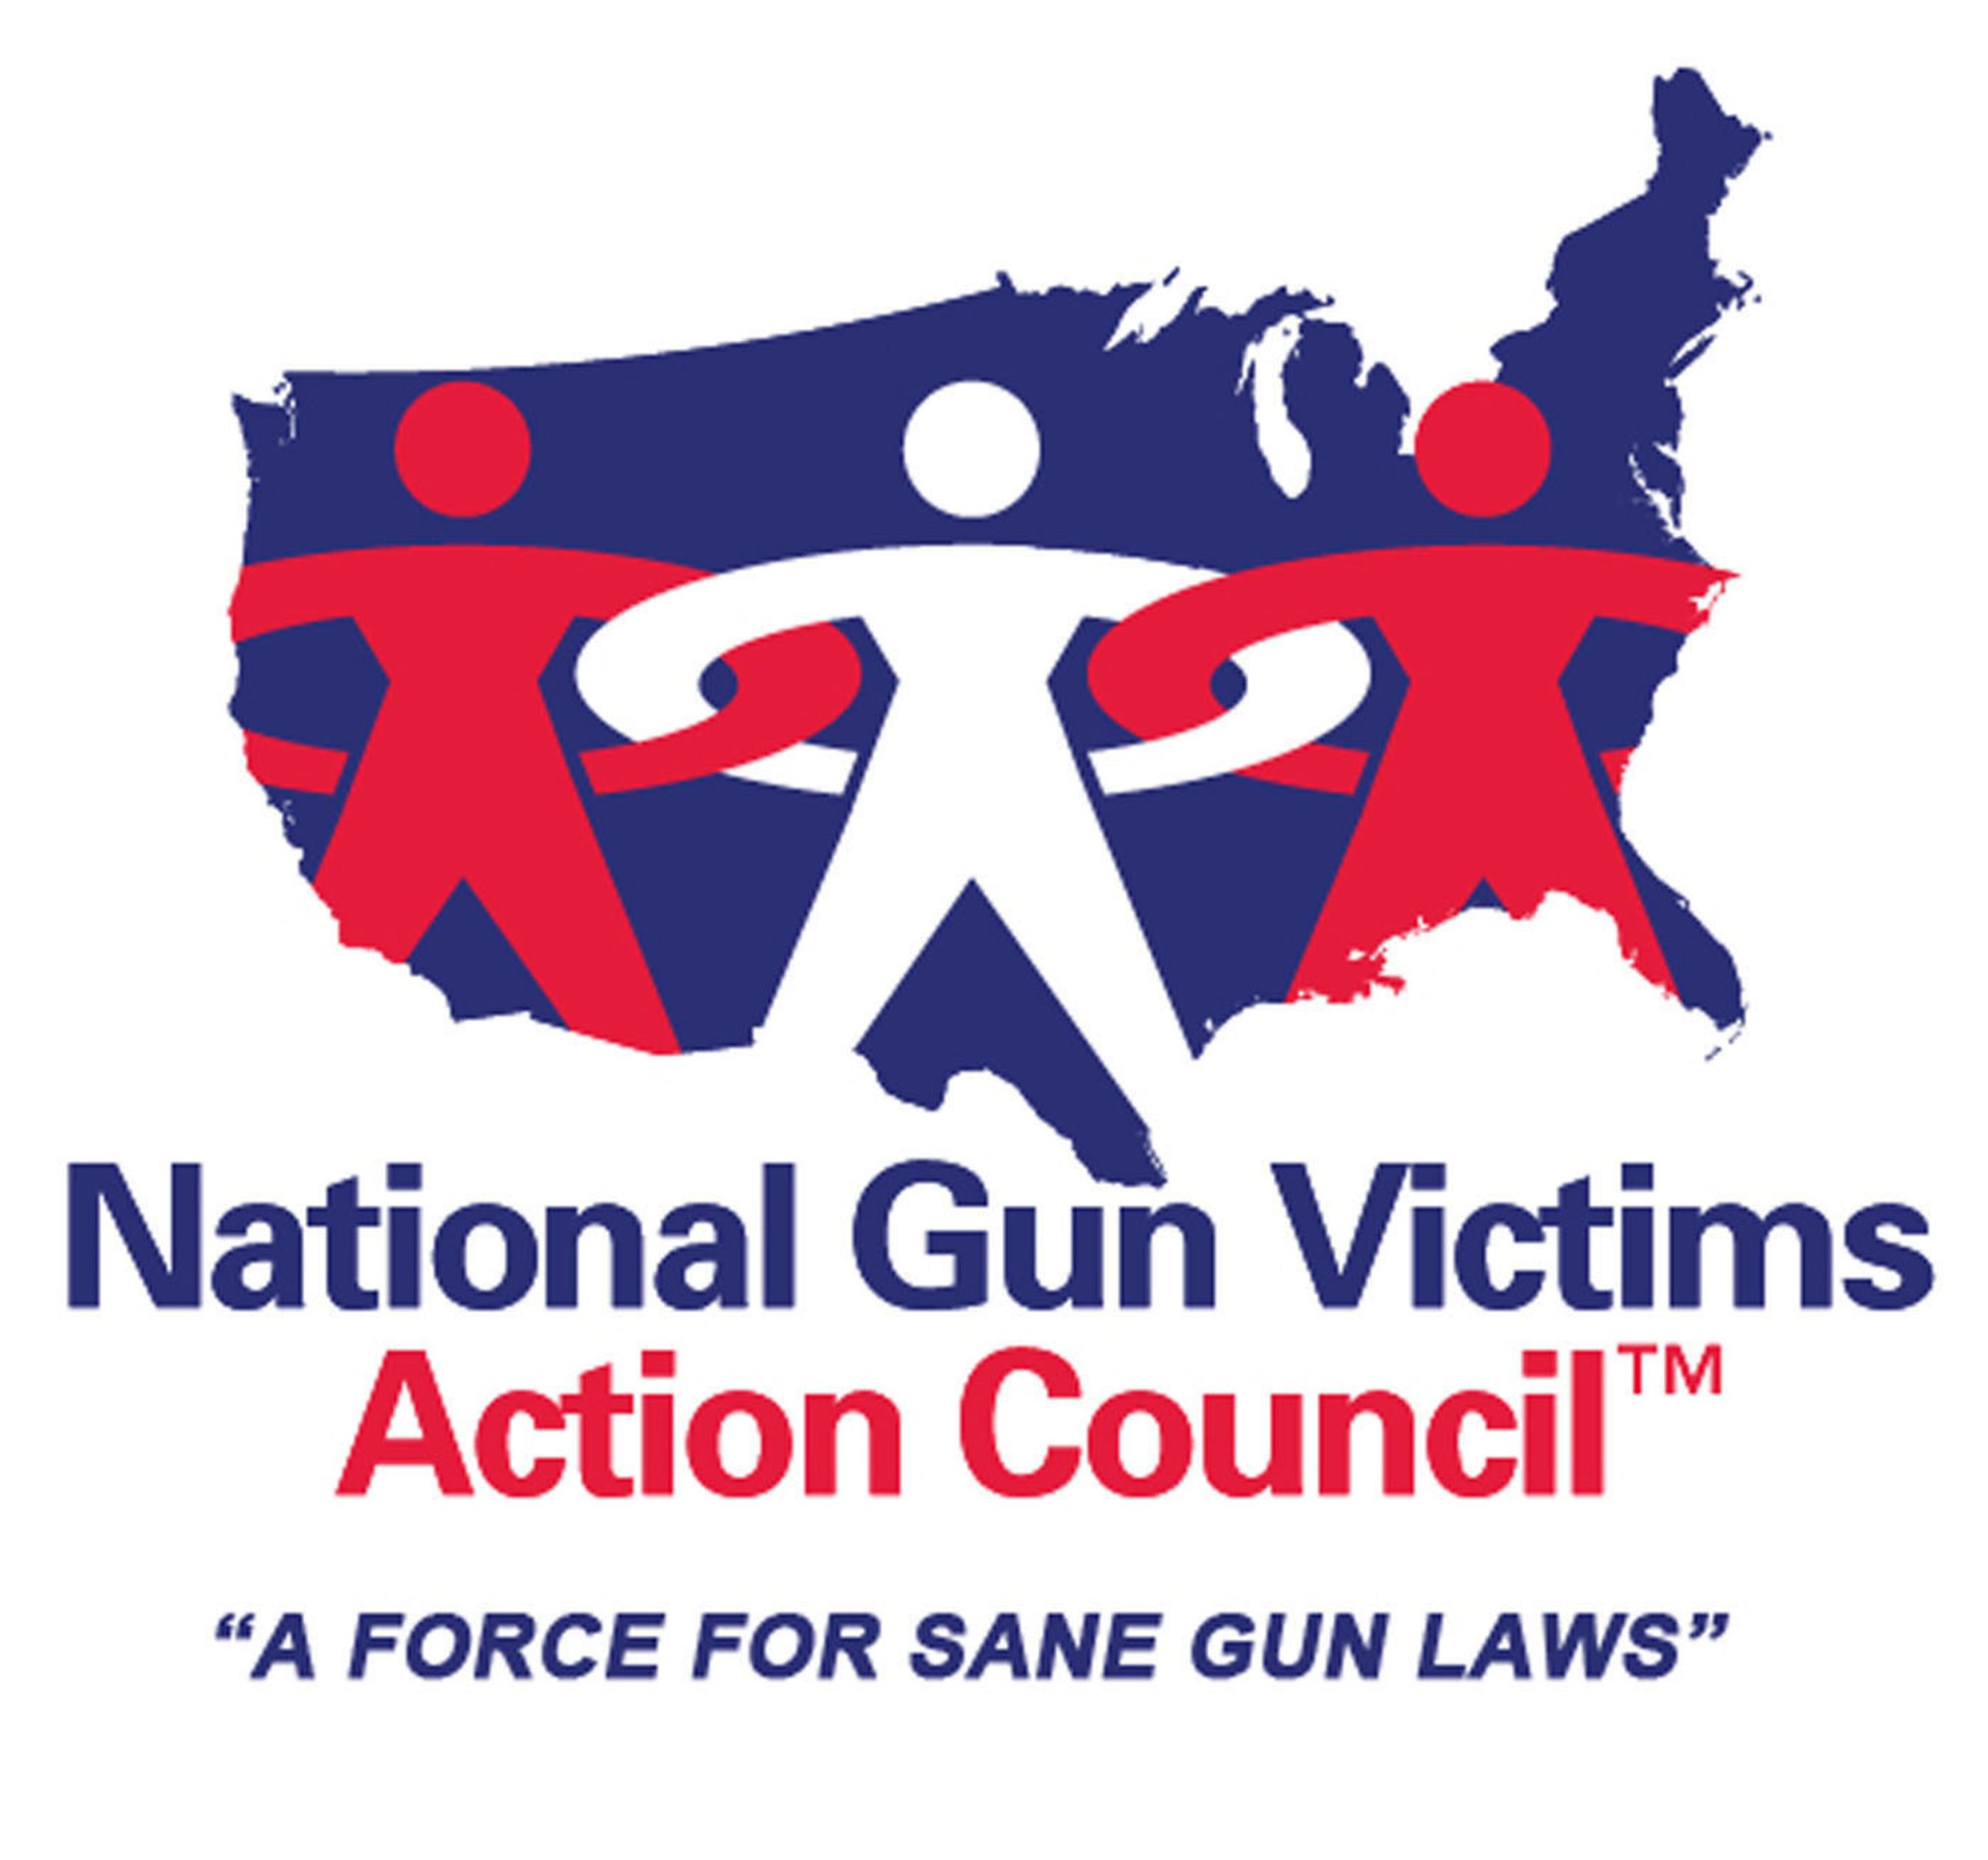 NGAC Logo. (PRNewsFoto/National Gun Victims Action Council) (PRNewsFoto/)